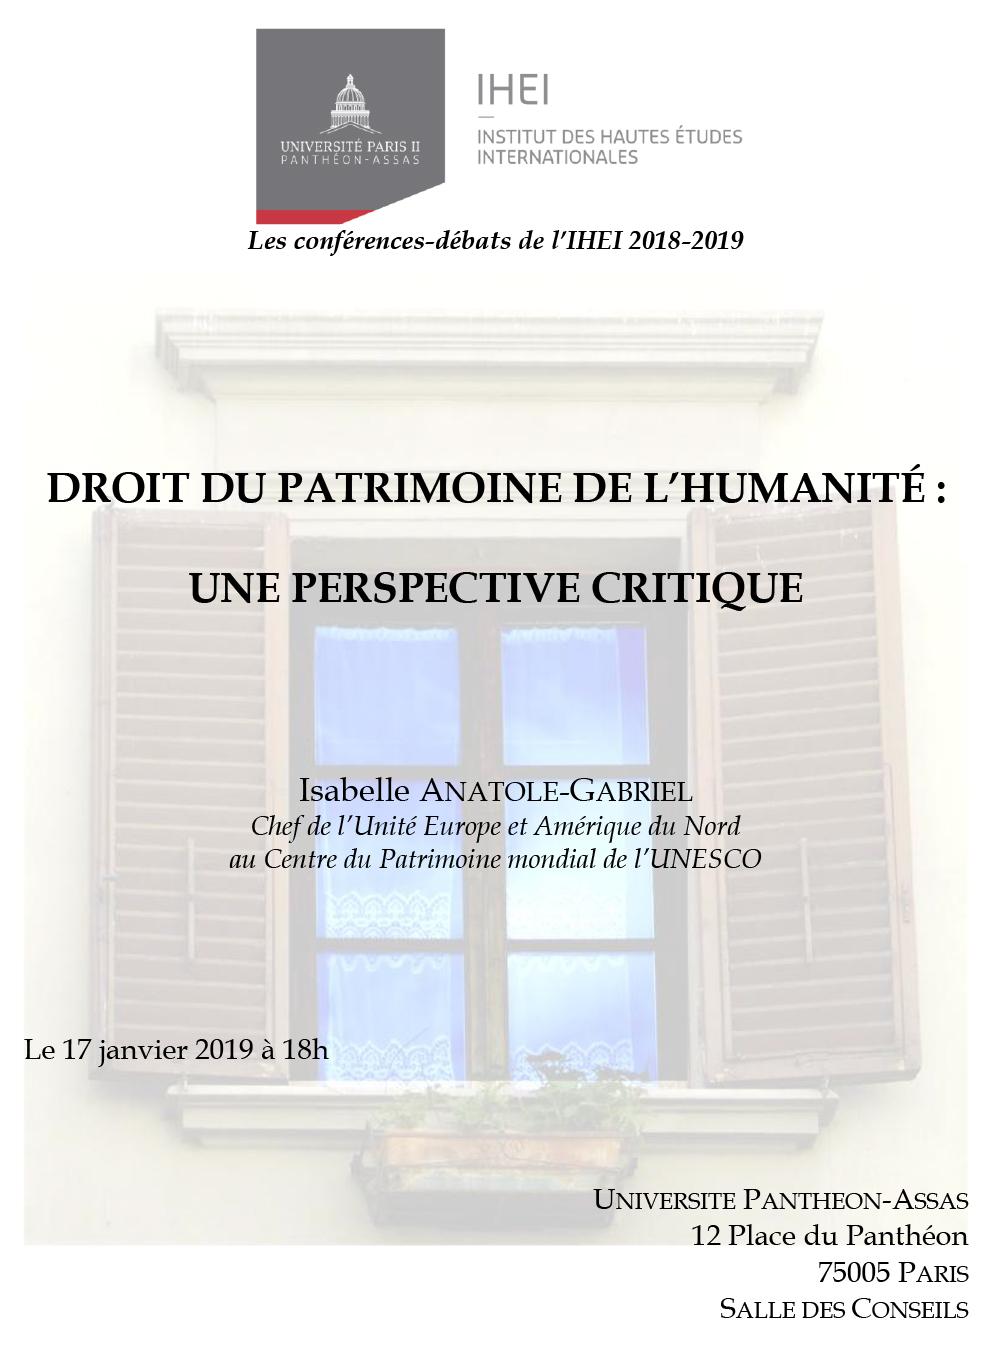 Affiche de la conférence de l'IHEI du 17 janvier 2019